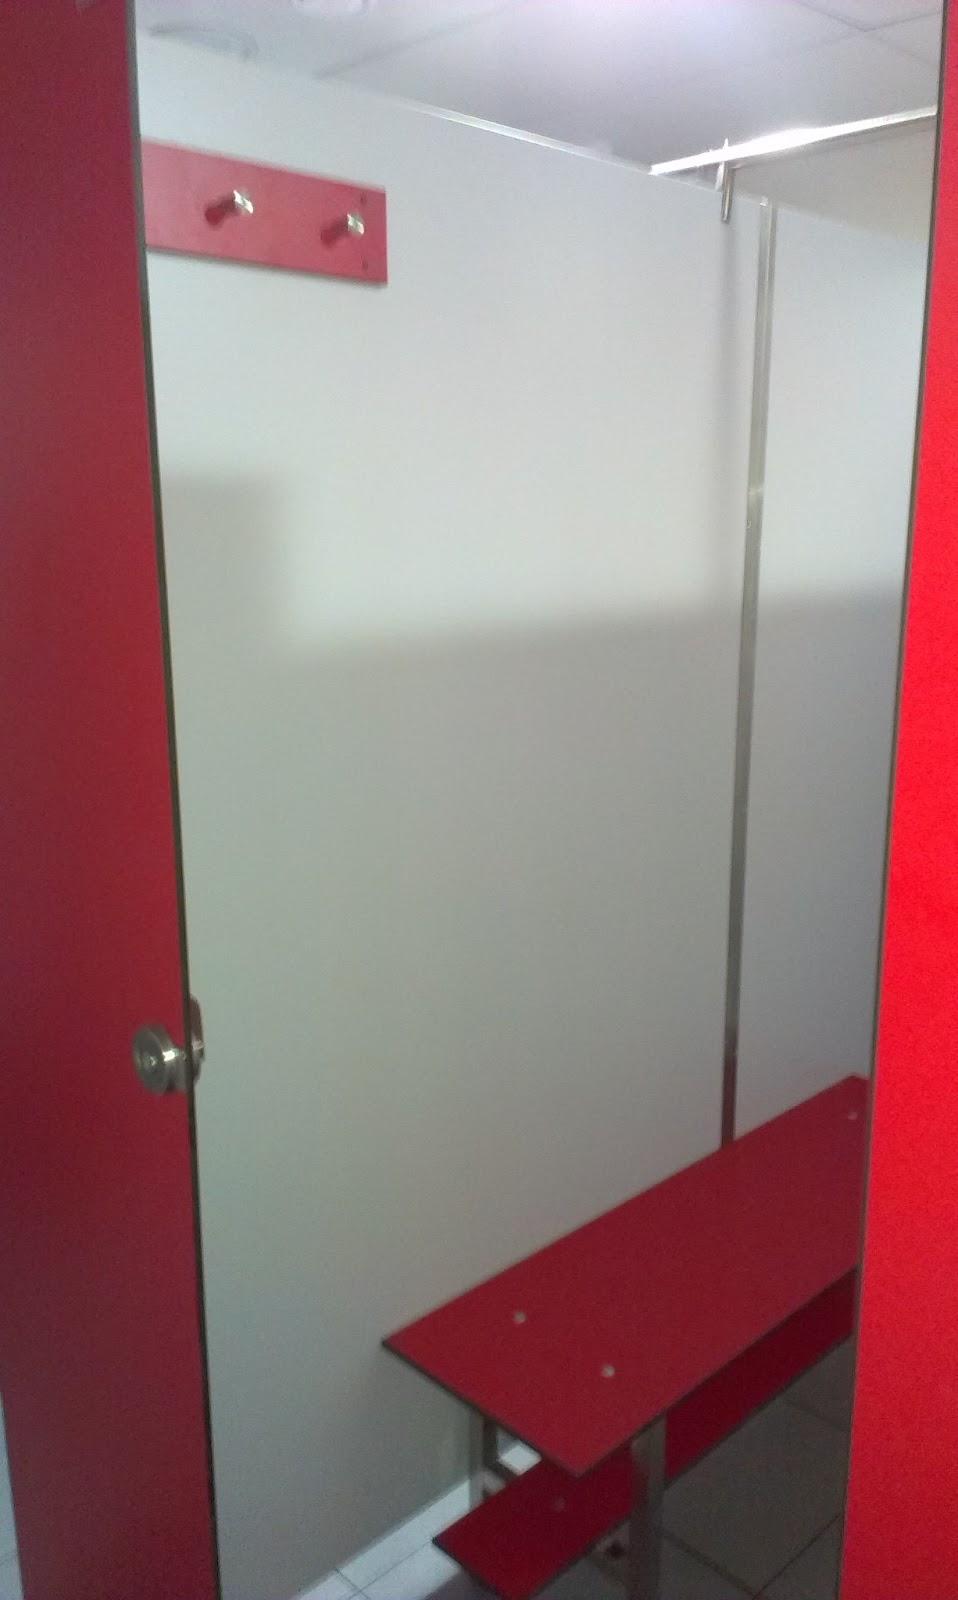 Cabinas De Ducha Para Gimnasios: el banco y blanco para los paneles divisores y el separador de ducha